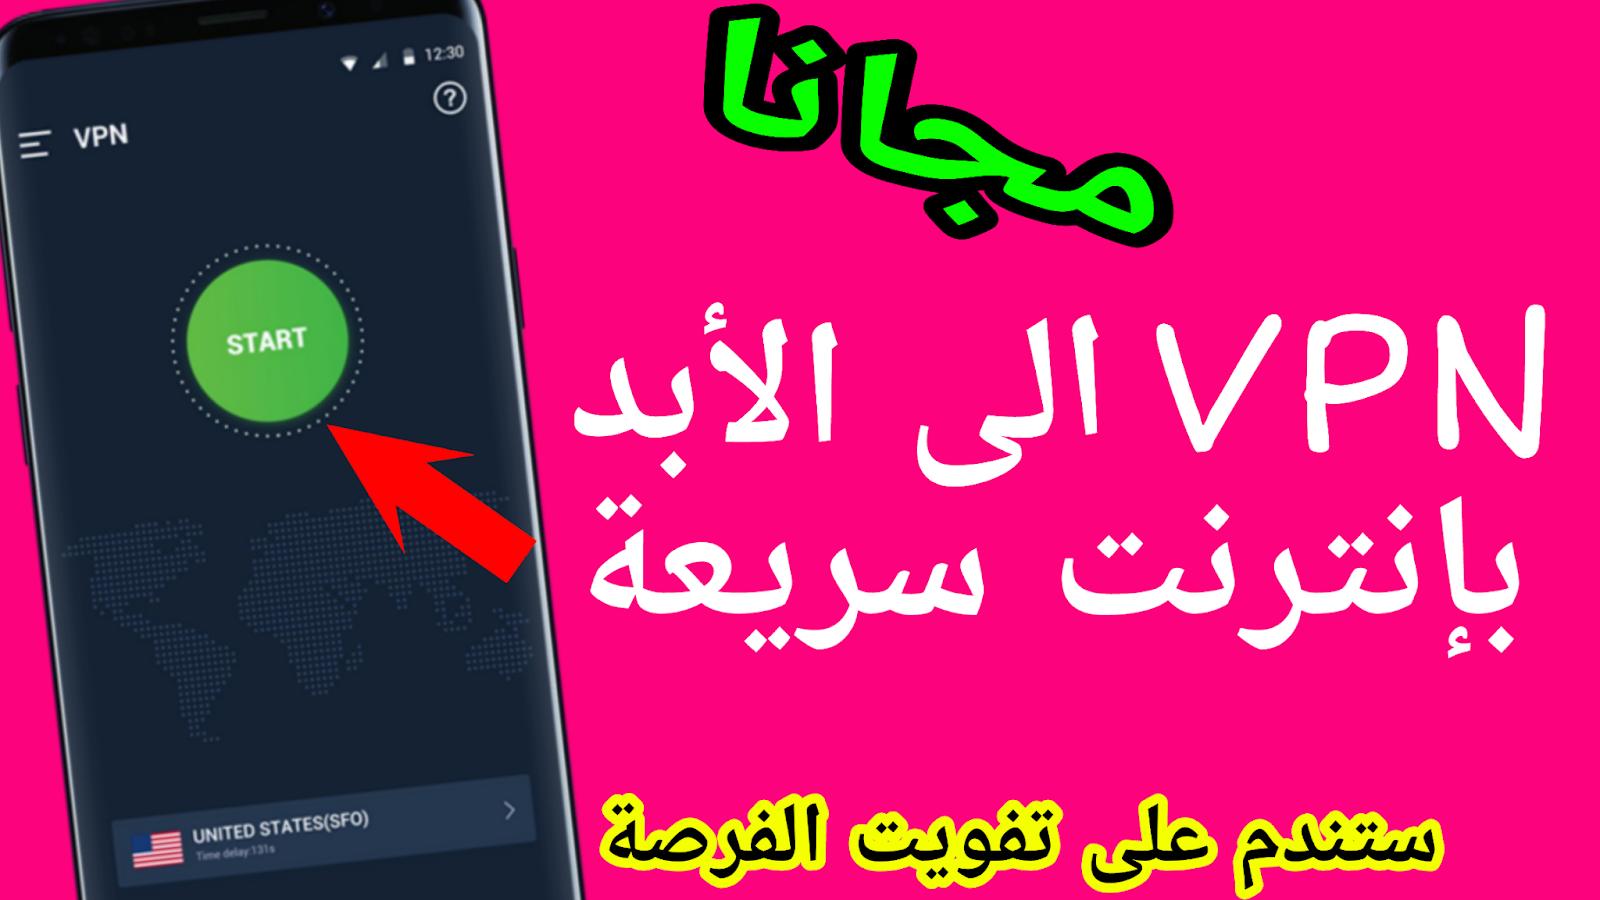 تطبيقات vpn